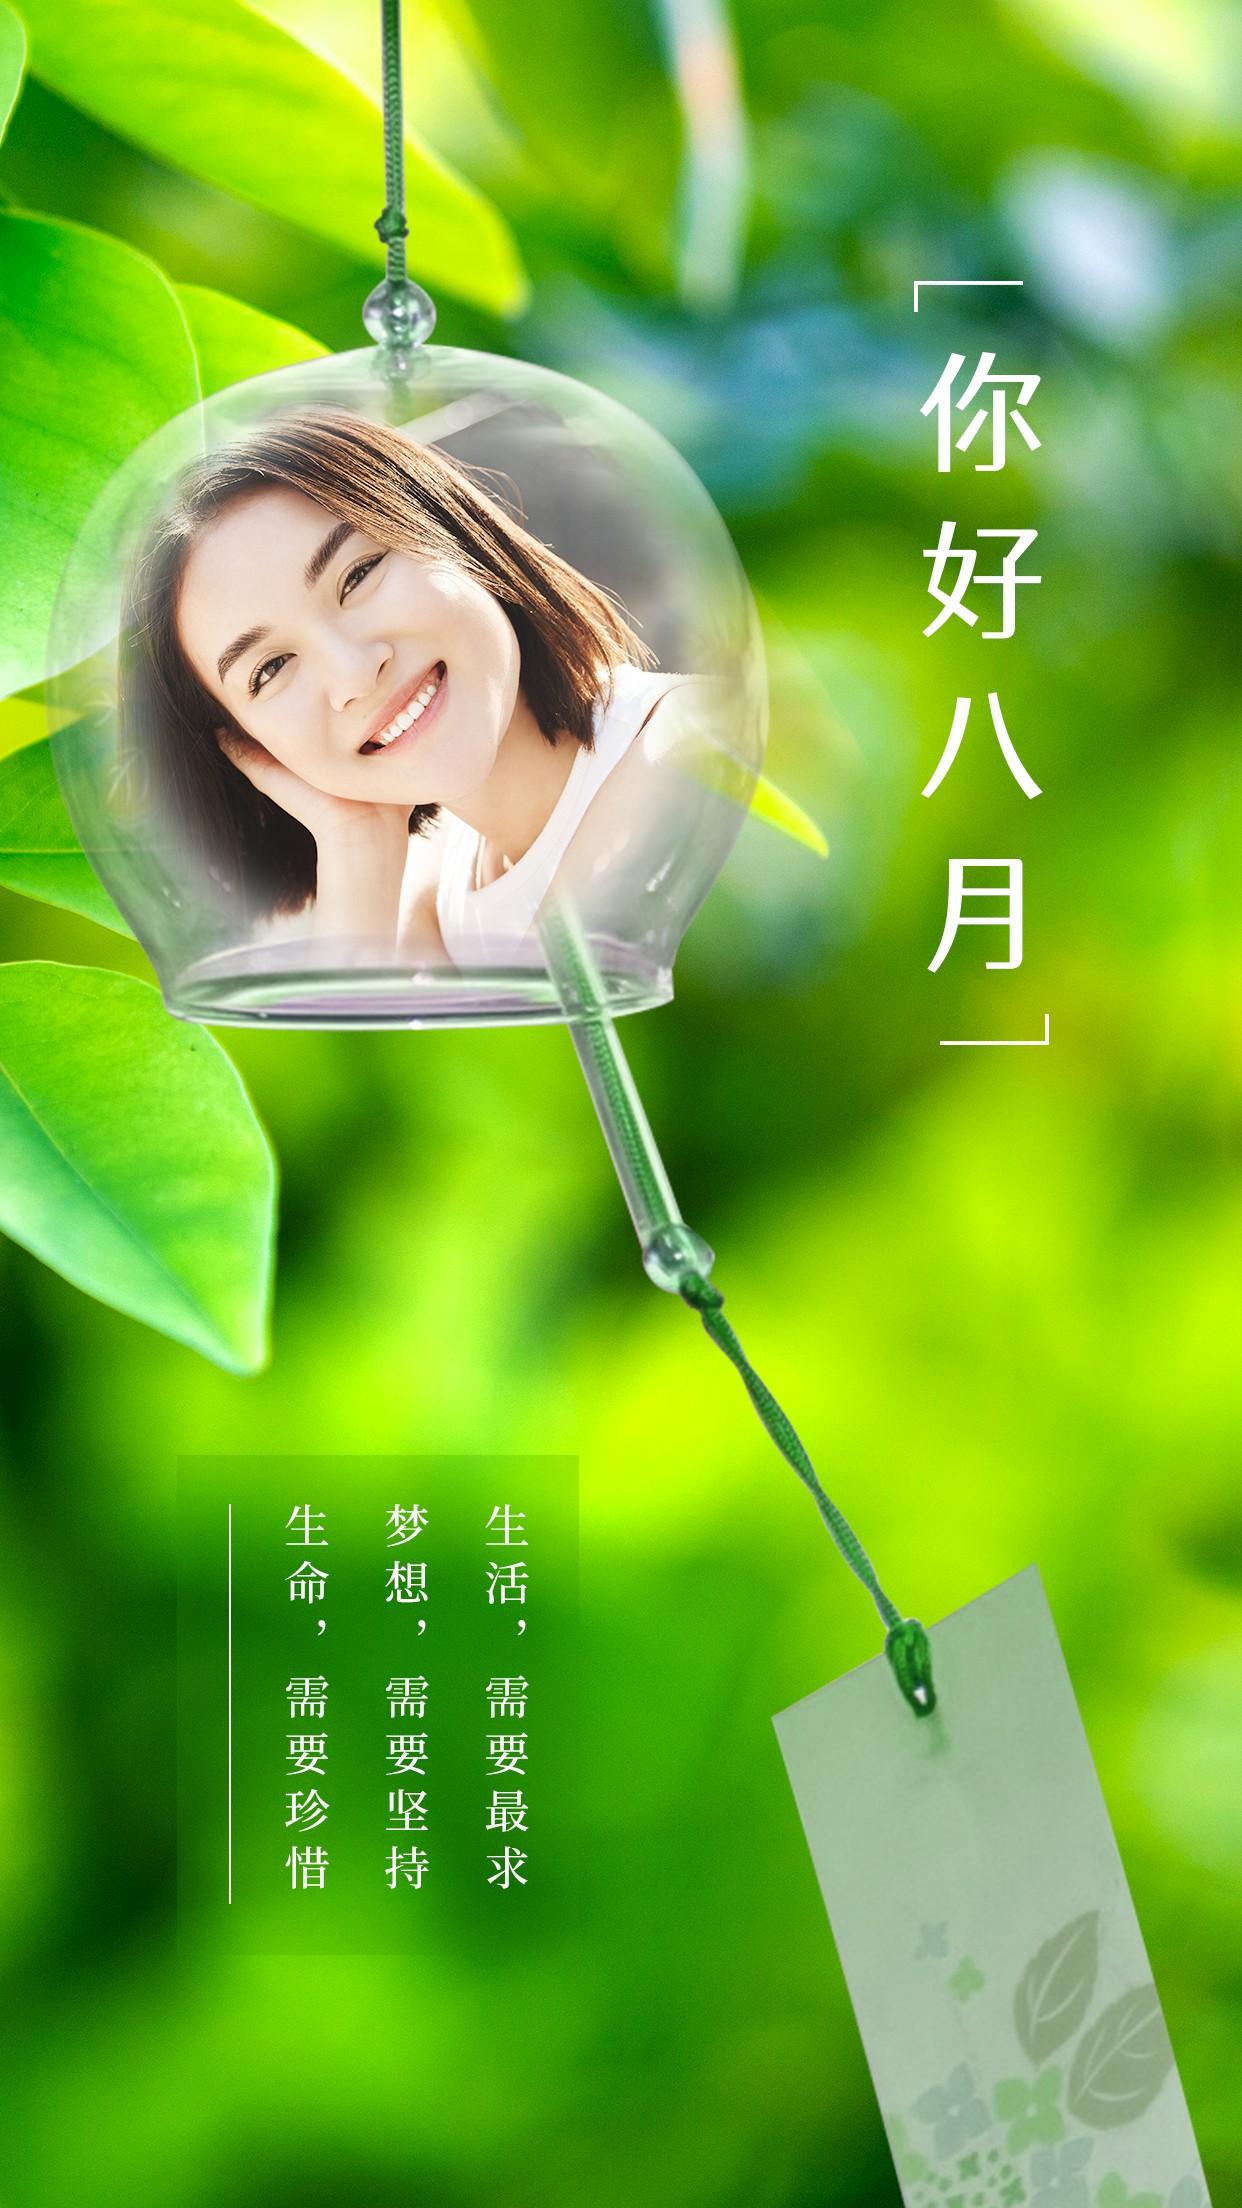 小清新8月你好手机海报